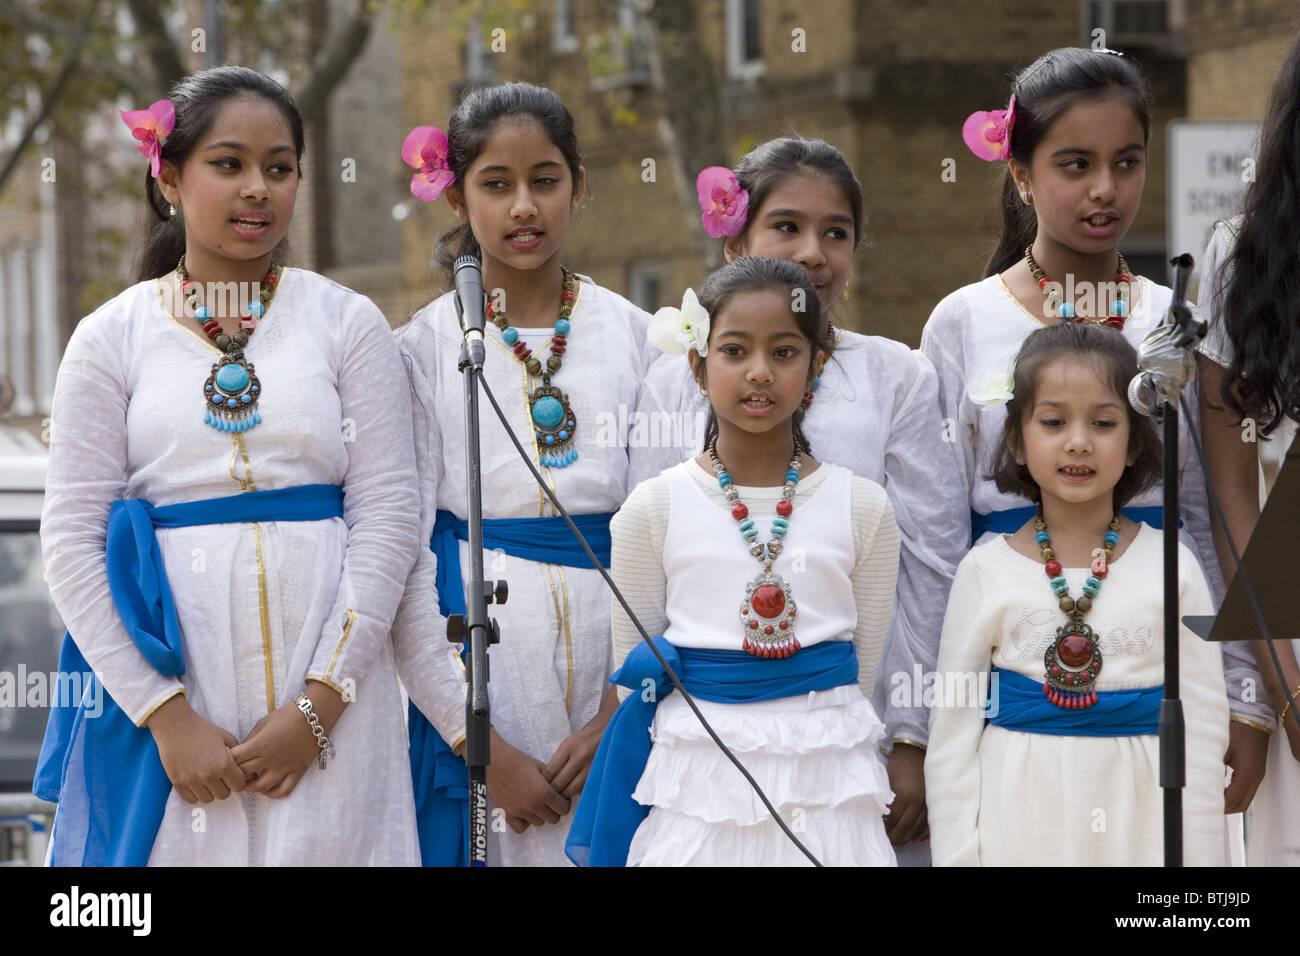 Bangladeshi amerikanische Kinder Chor führen ein Festival der Kulturen der Welt in Brooklyn, New York. Stockbild